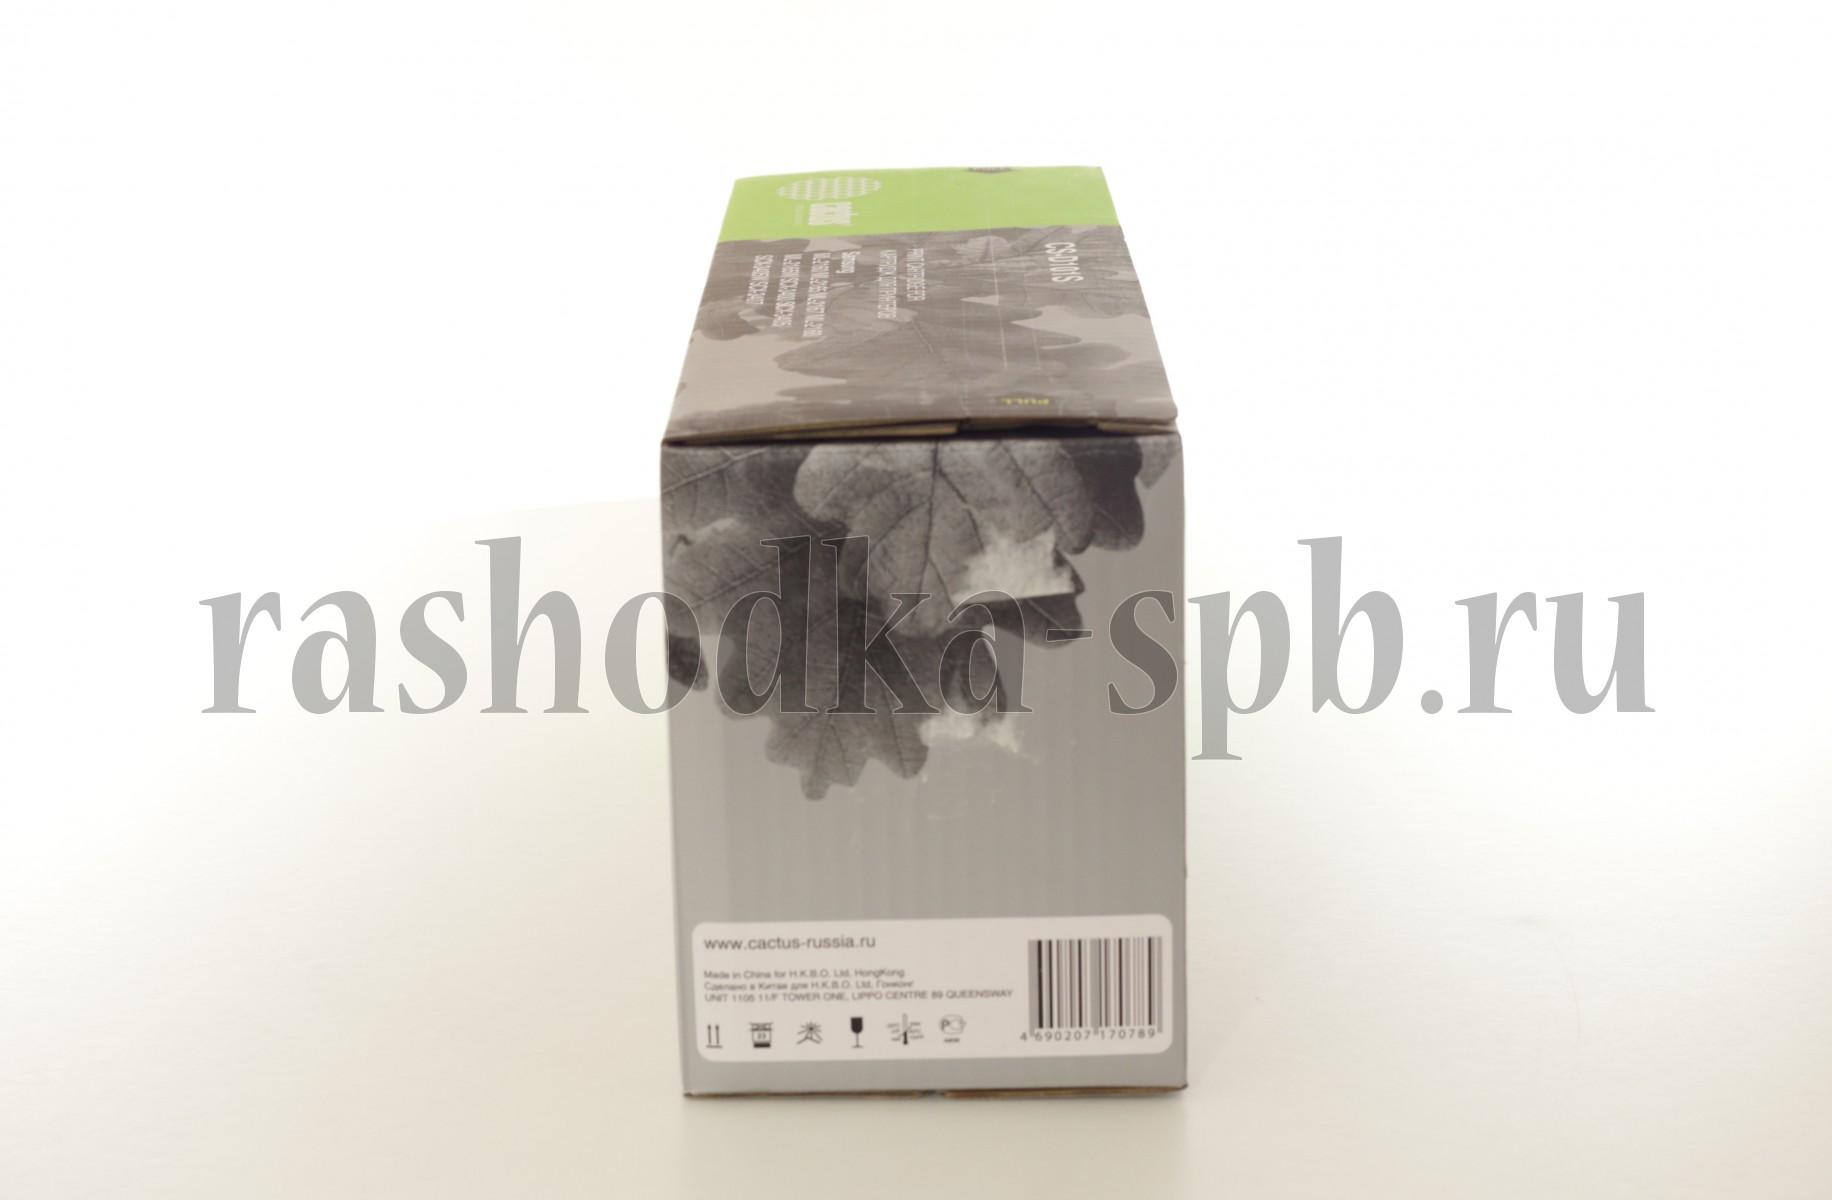 Картридж Cactus (Samsung CS-D111L) Black для Xpress M2022/M2020/M2021/M2020W/M2070